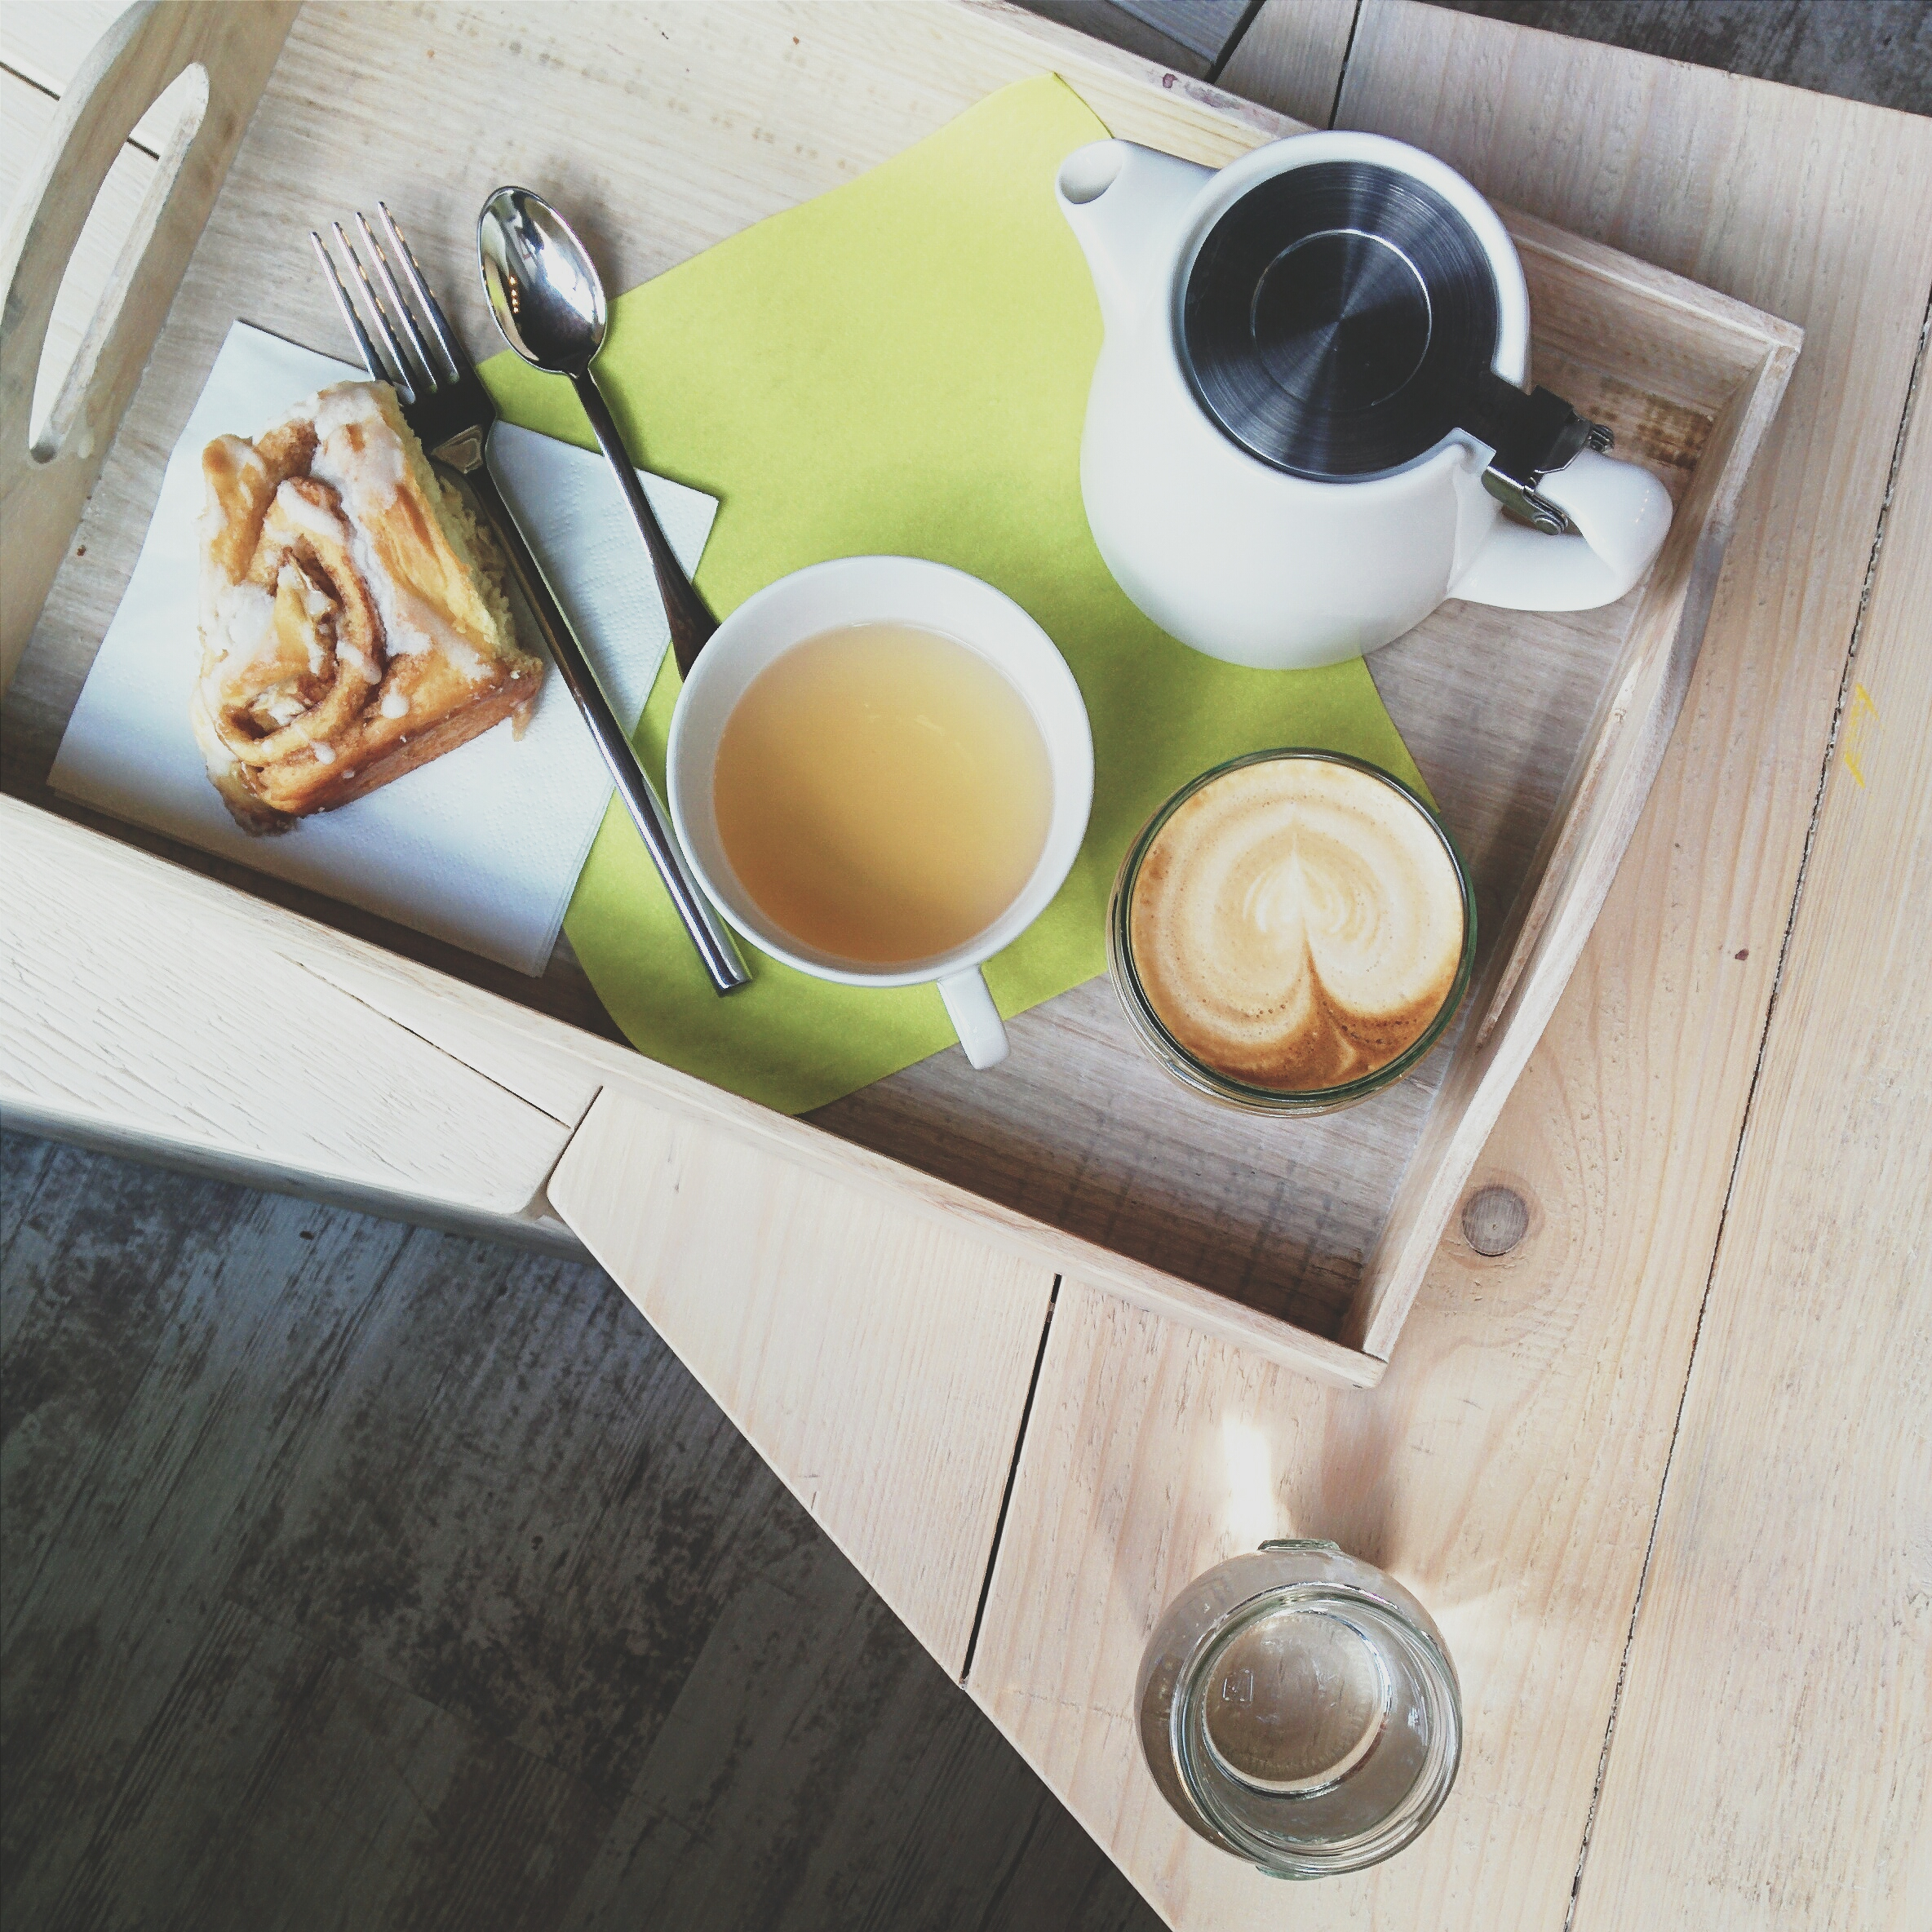 Cappuccino, tea and cinnamon roll